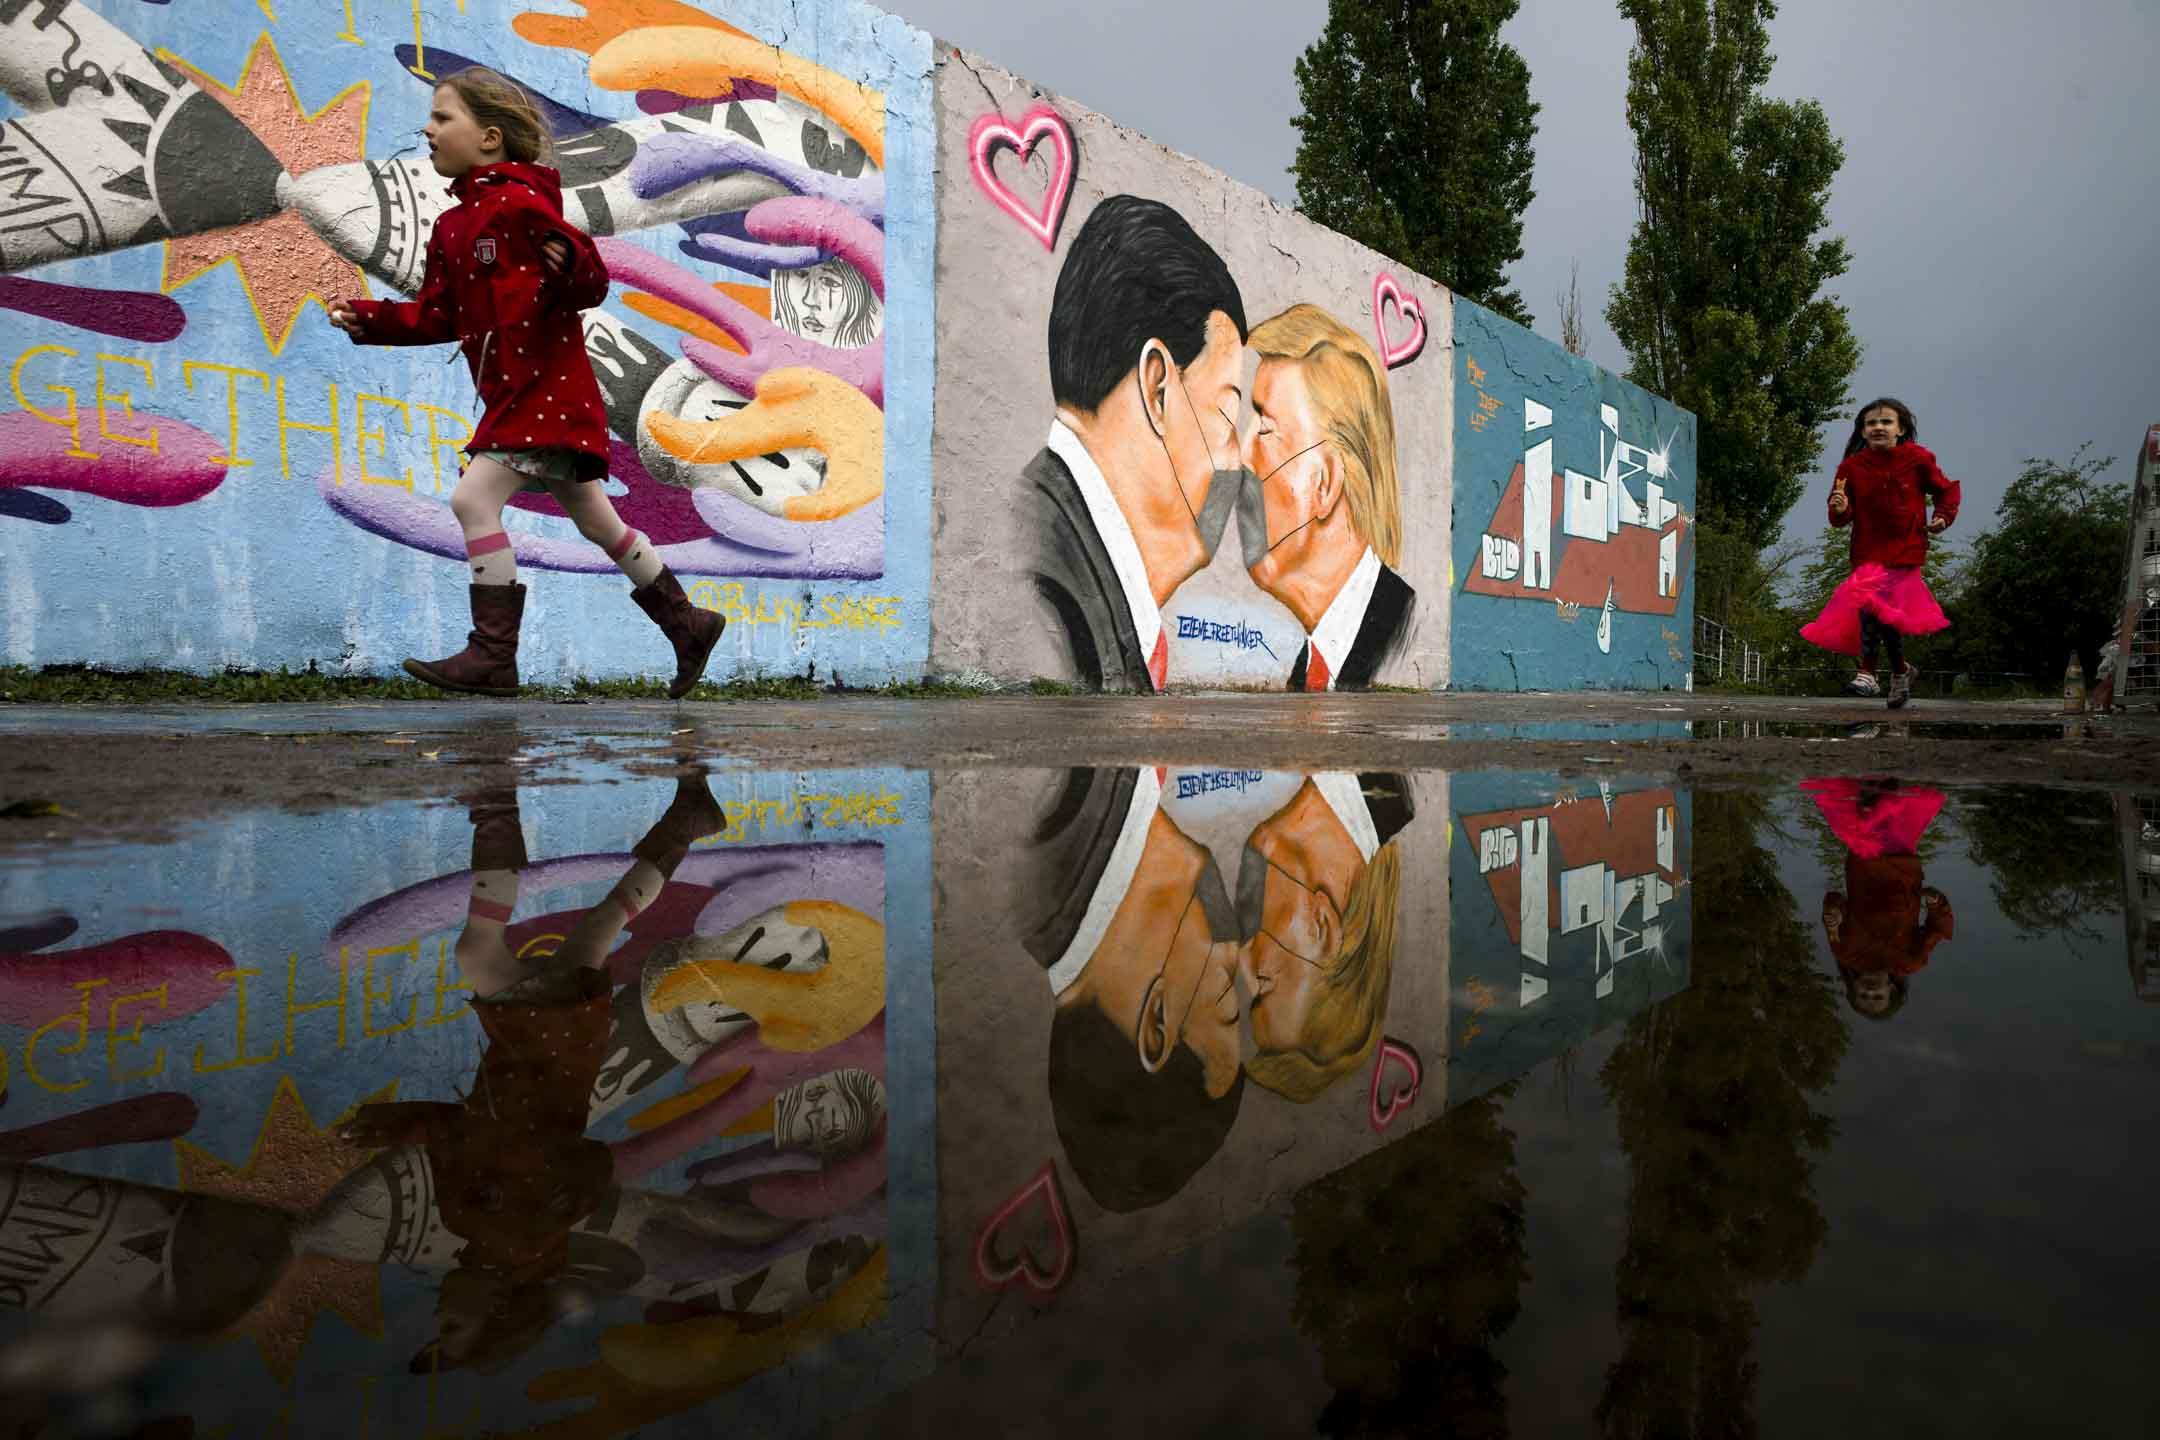 2020年4月29日,德國柏林Mauerpark公園的牆上有塗鴉描繪美國總統特朗普和中國國家主席習近平隔著口罩互相親吻。 攝:Markus Schreiber/AP/達志影像